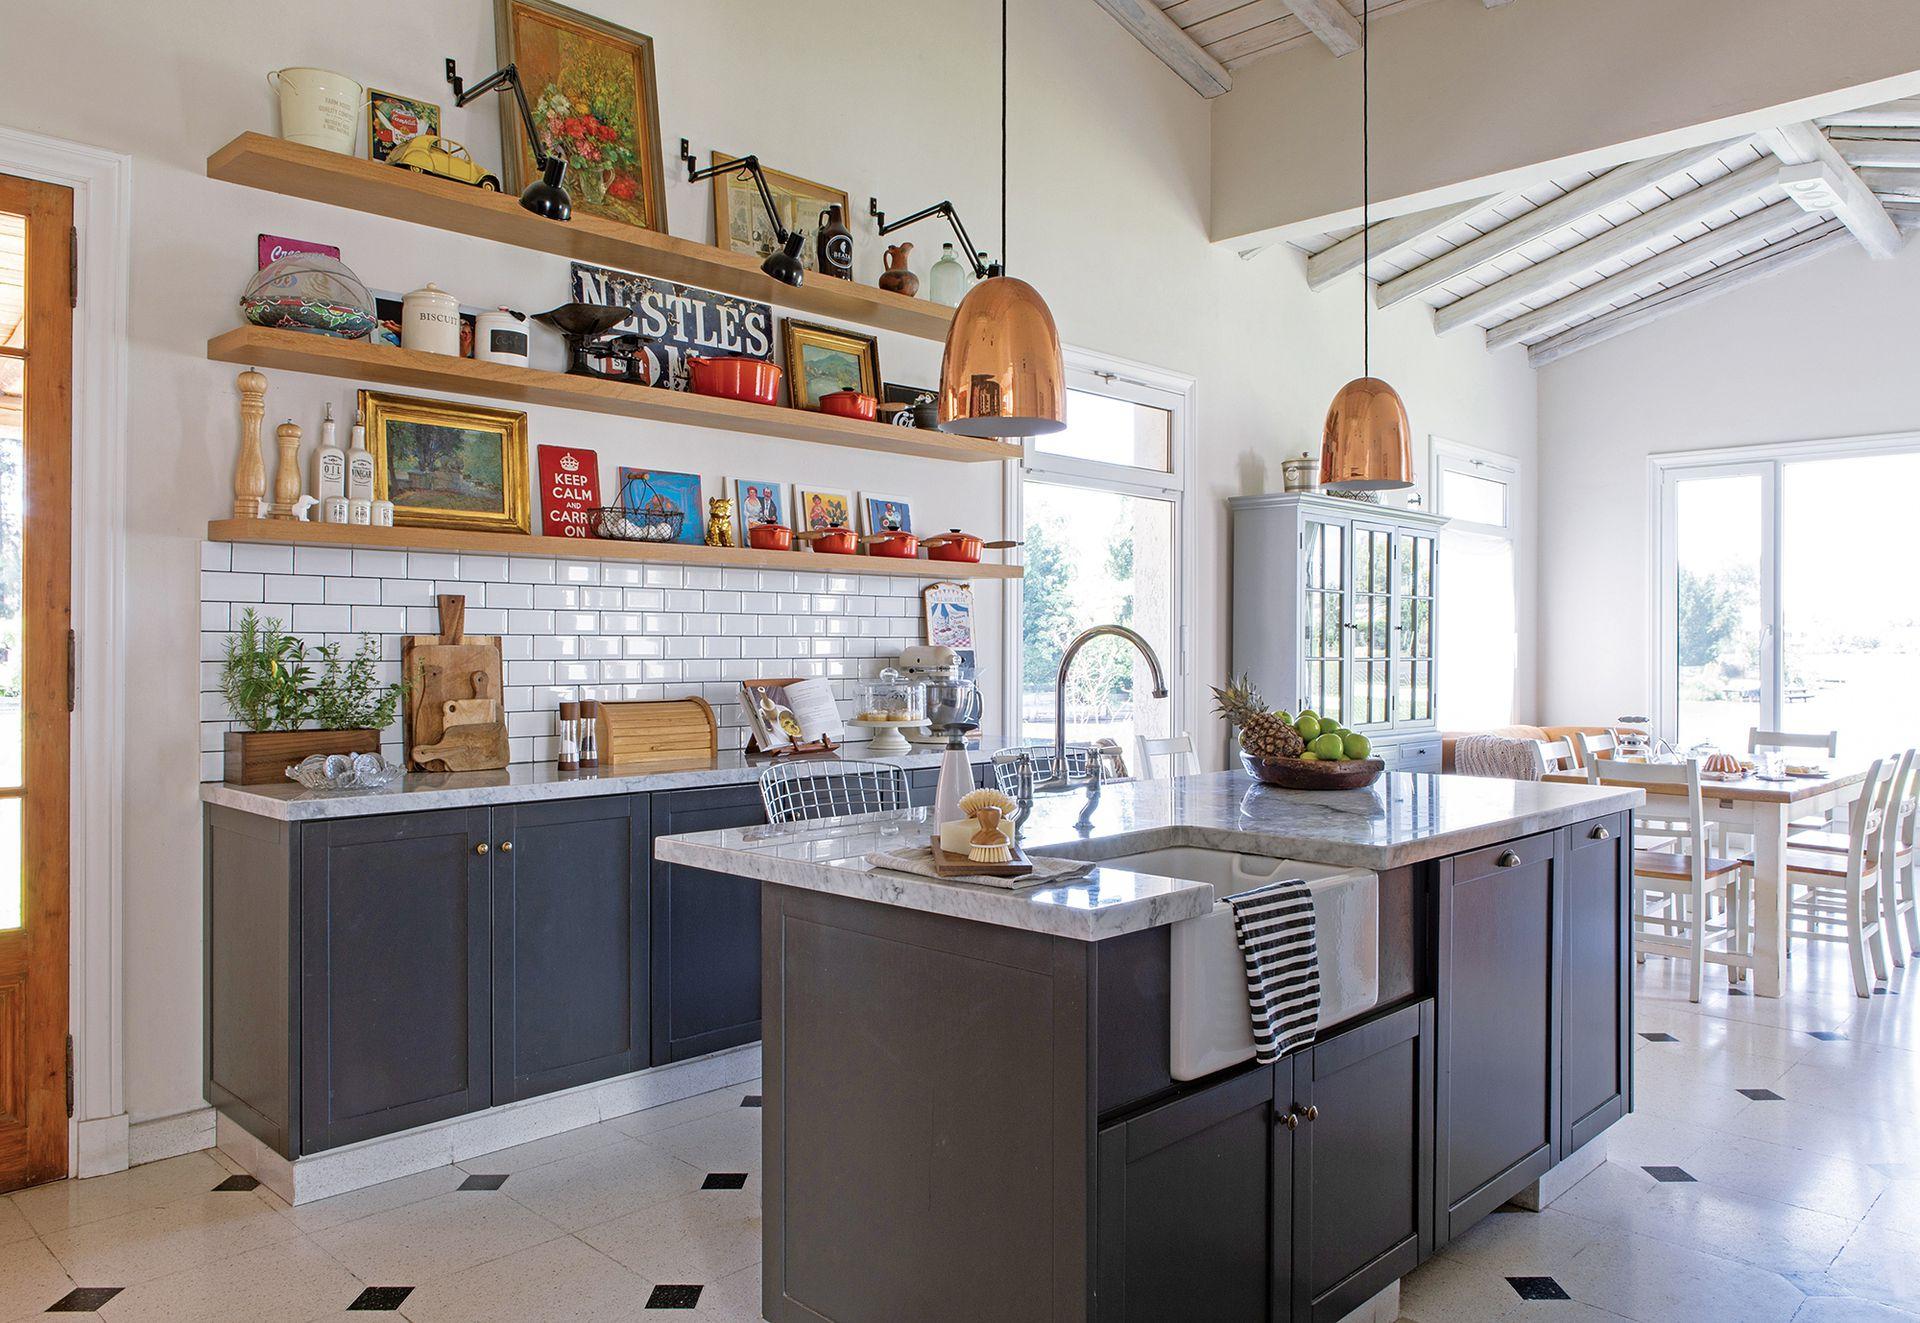 los objetos de uso diario, llenos de color y de valor afectivo, se exhiben en todos los estantes. Huerta con aromáticas siempre frescas (Rama Diseño Verde). Tablas de madera (Jamie Oliver).